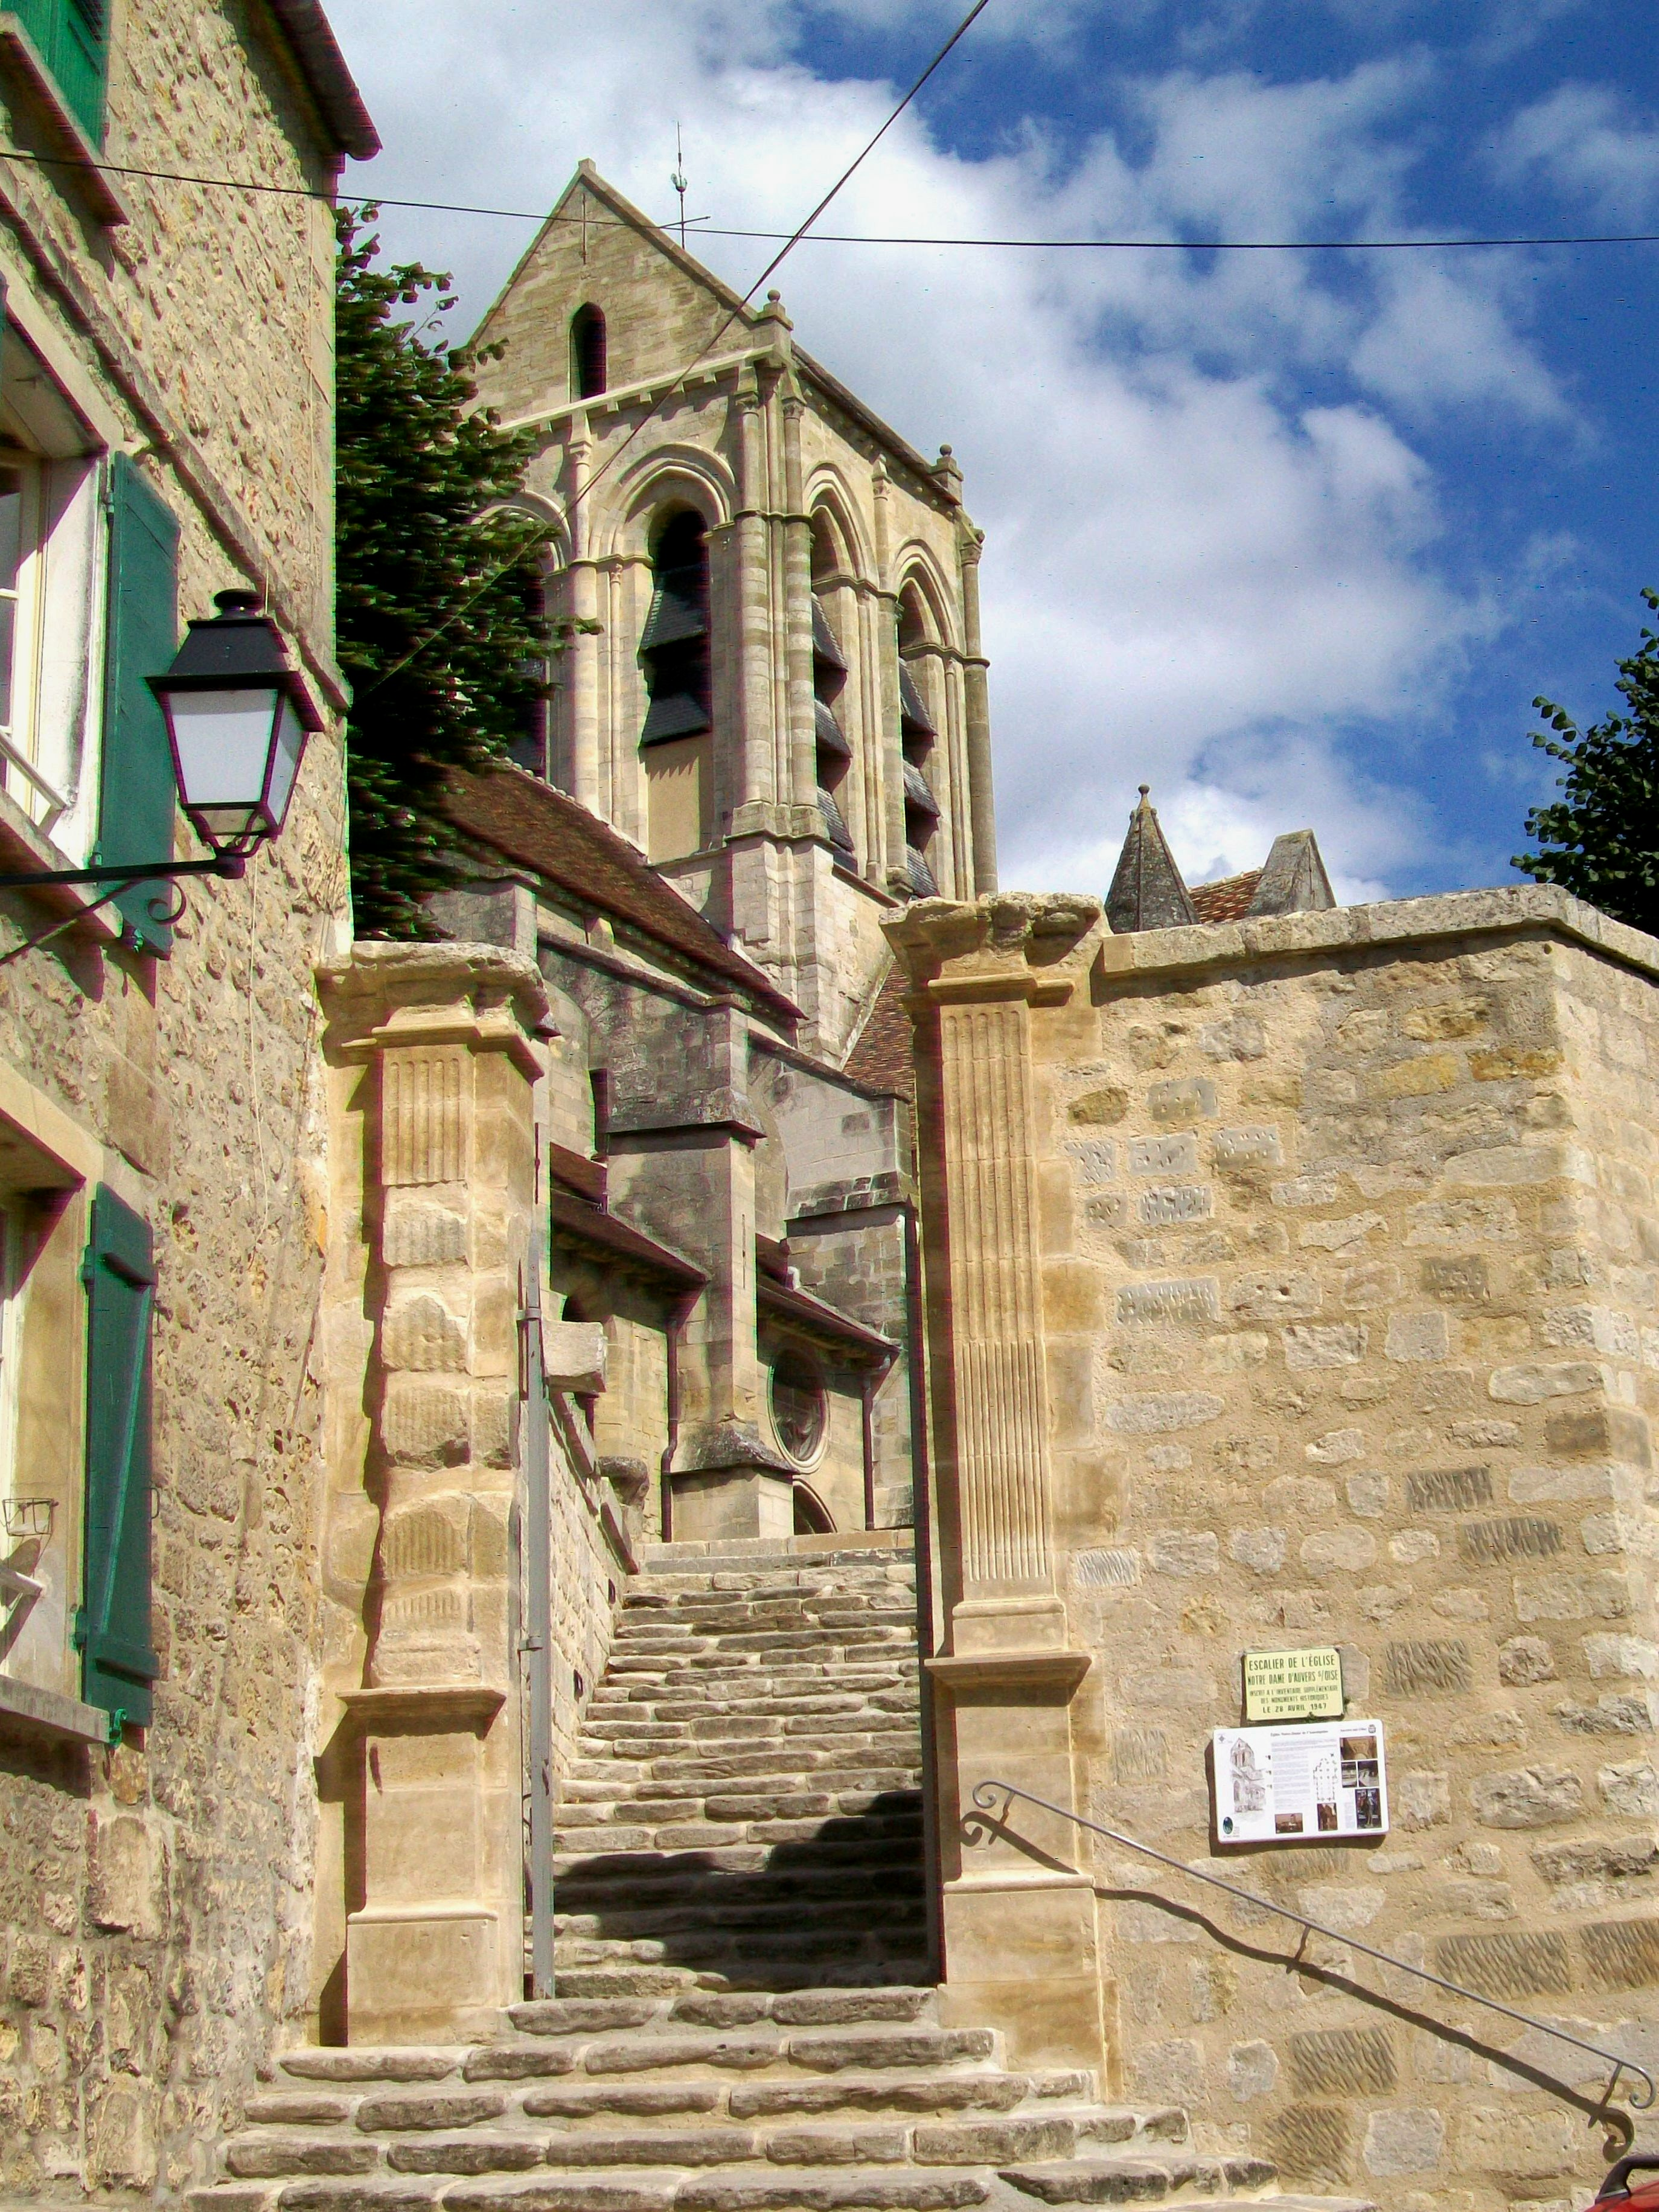 Escalier Val D Oise fichier:auvers-sur-oise (95), église notre-dame, escalier de